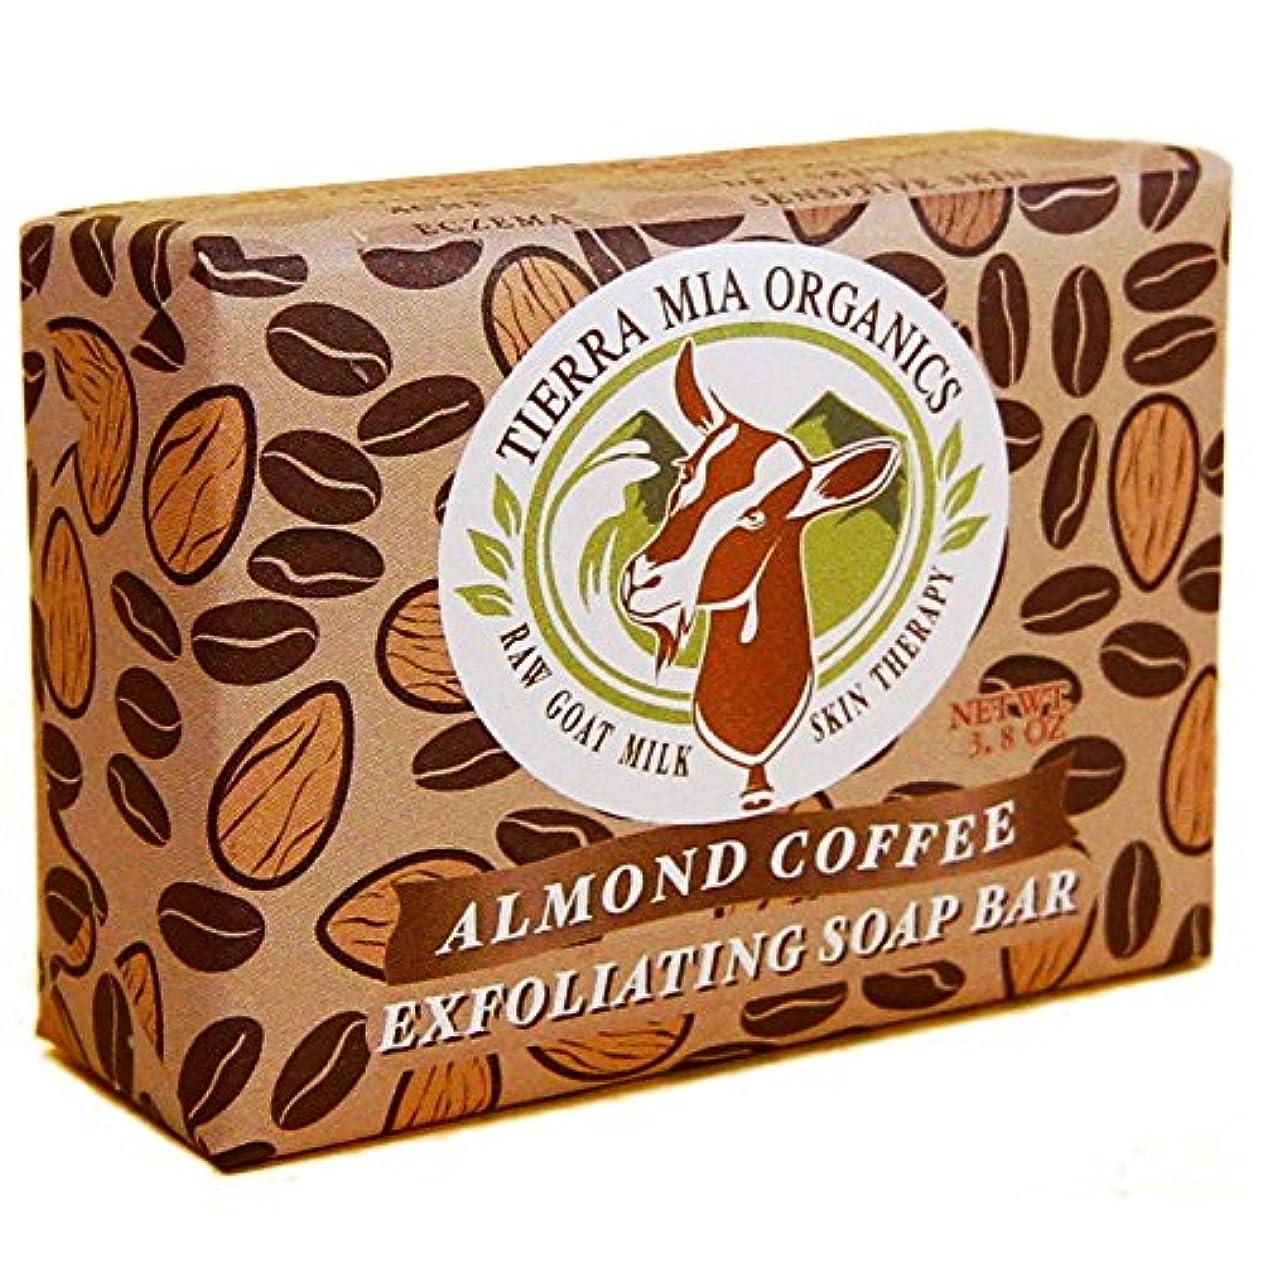 アンプ純正灰Tierra Mia Organics, Raw Goat Milk Skin Therapy, Exfoliating Soap Bar, Almond Coffee, 3.8 oz